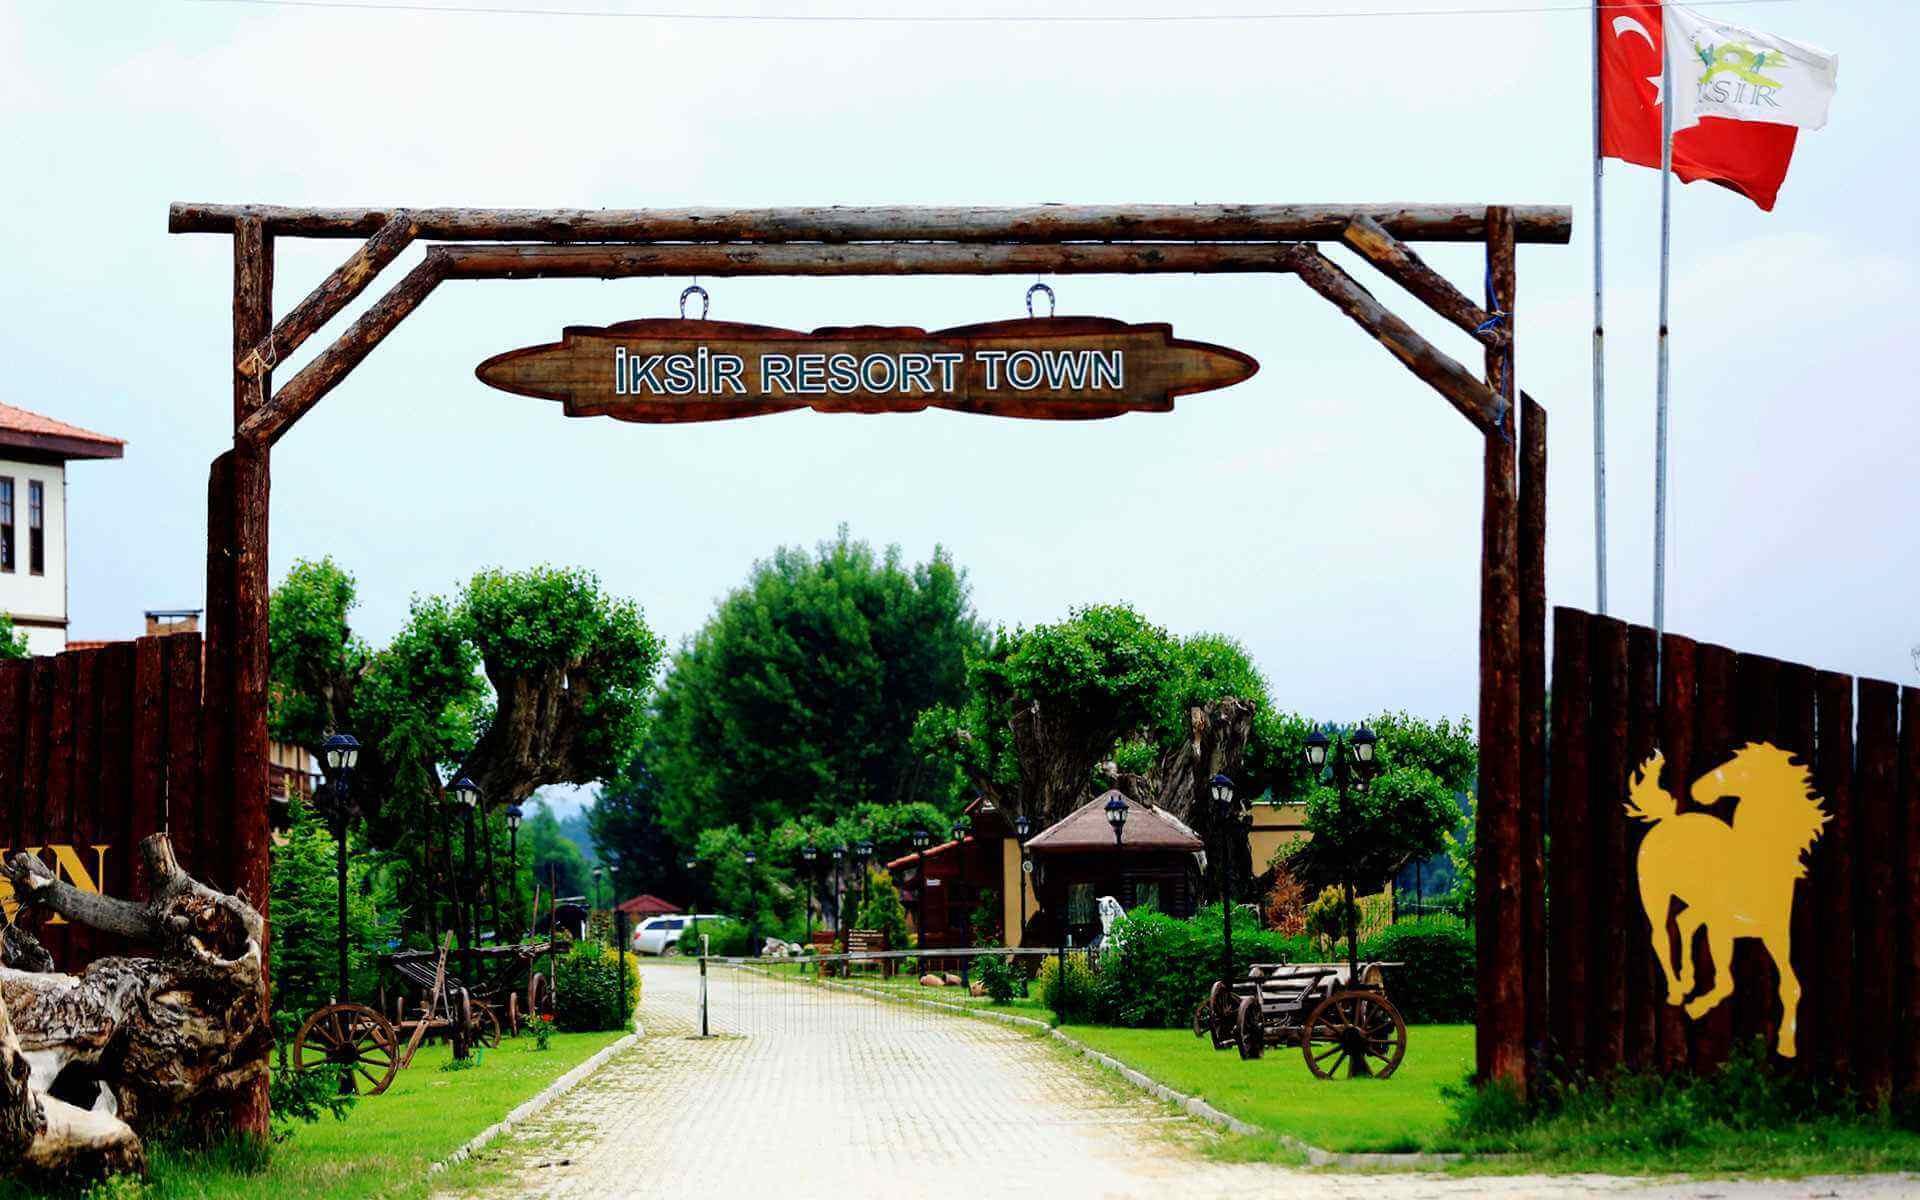 İksir Resort Town Giris Gorunumu